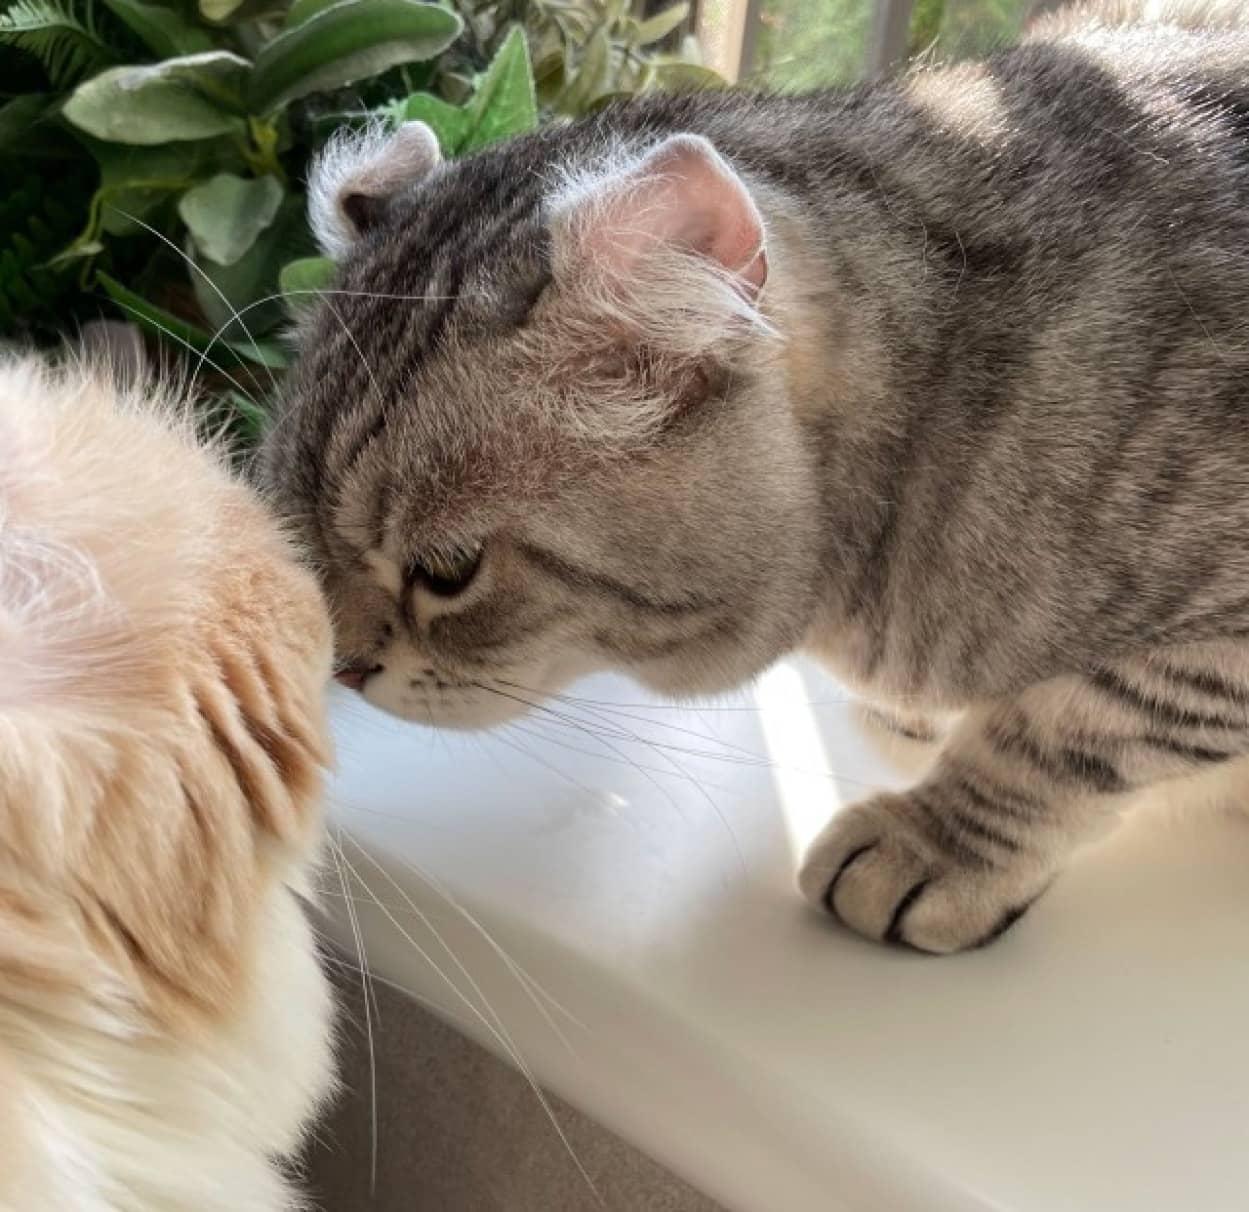 猫のヒゲのセンサー機能が解明される